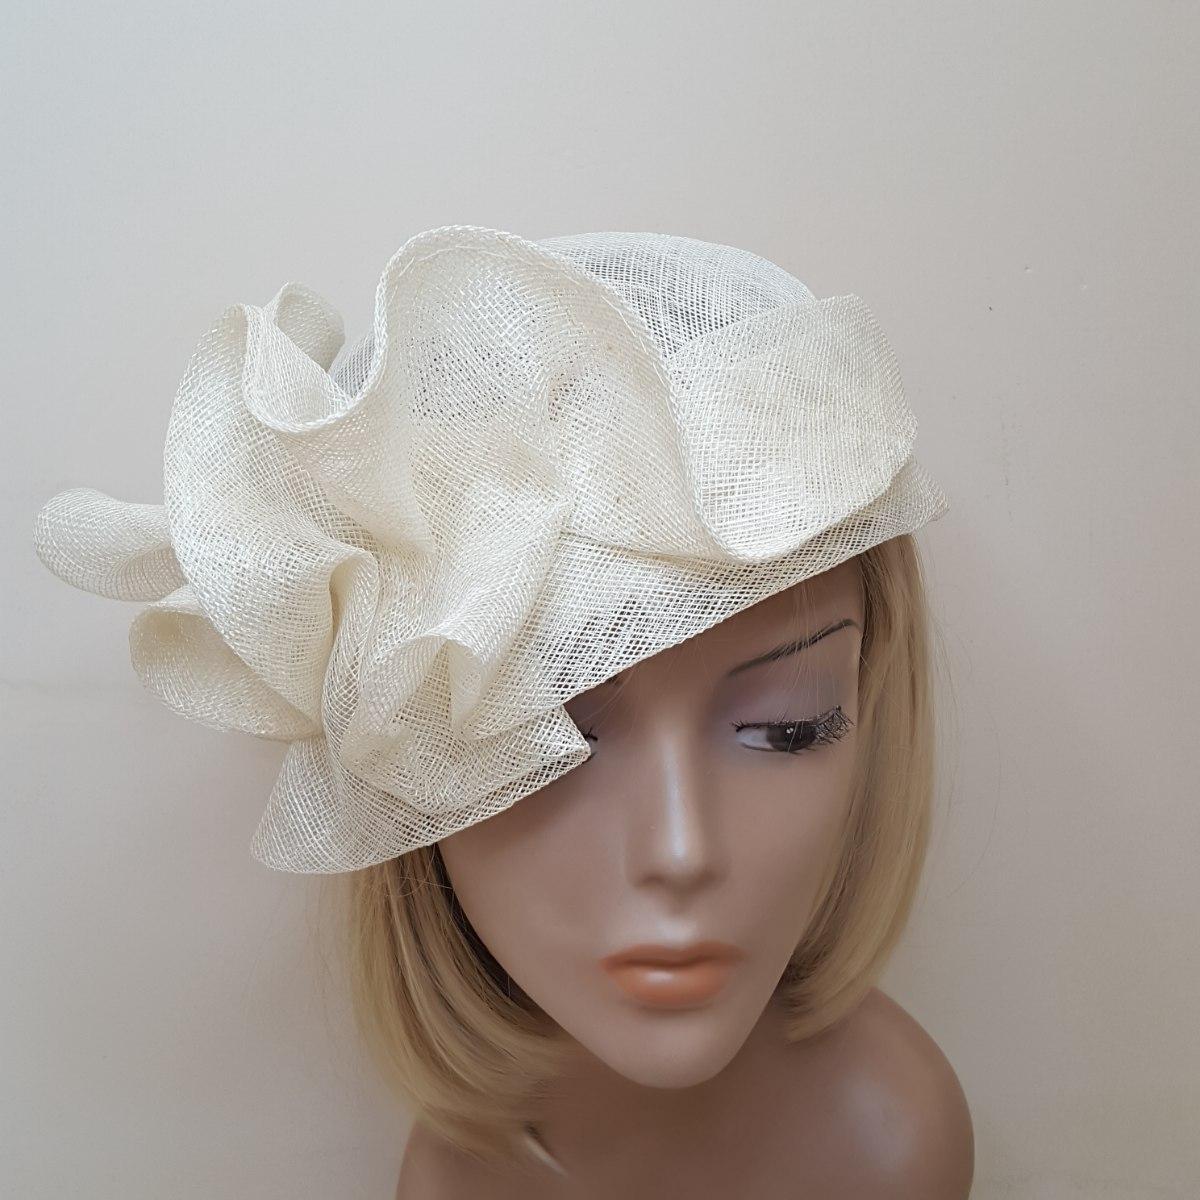 כובע לבן מעוצב דגם תלתלים